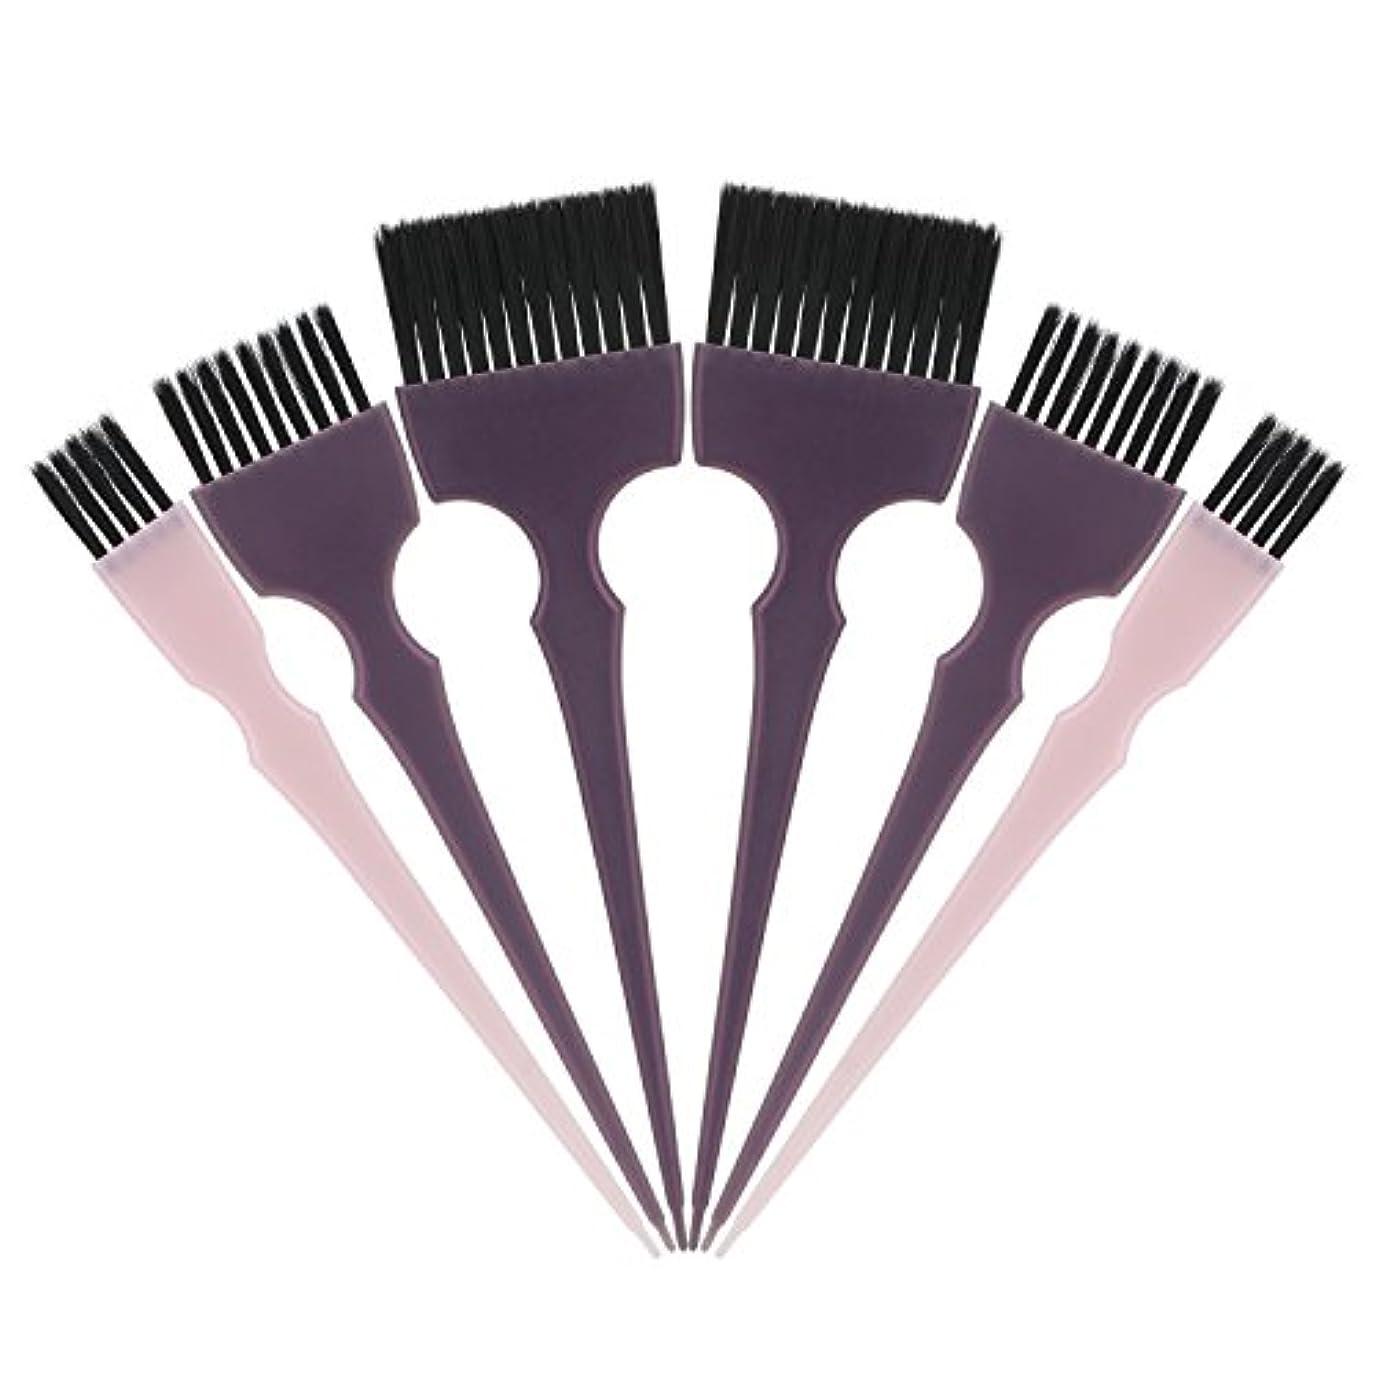 Segbeauty 髪染めのブラシ 六本のセット サロンの美髪用 プロのヘアカラーリング用